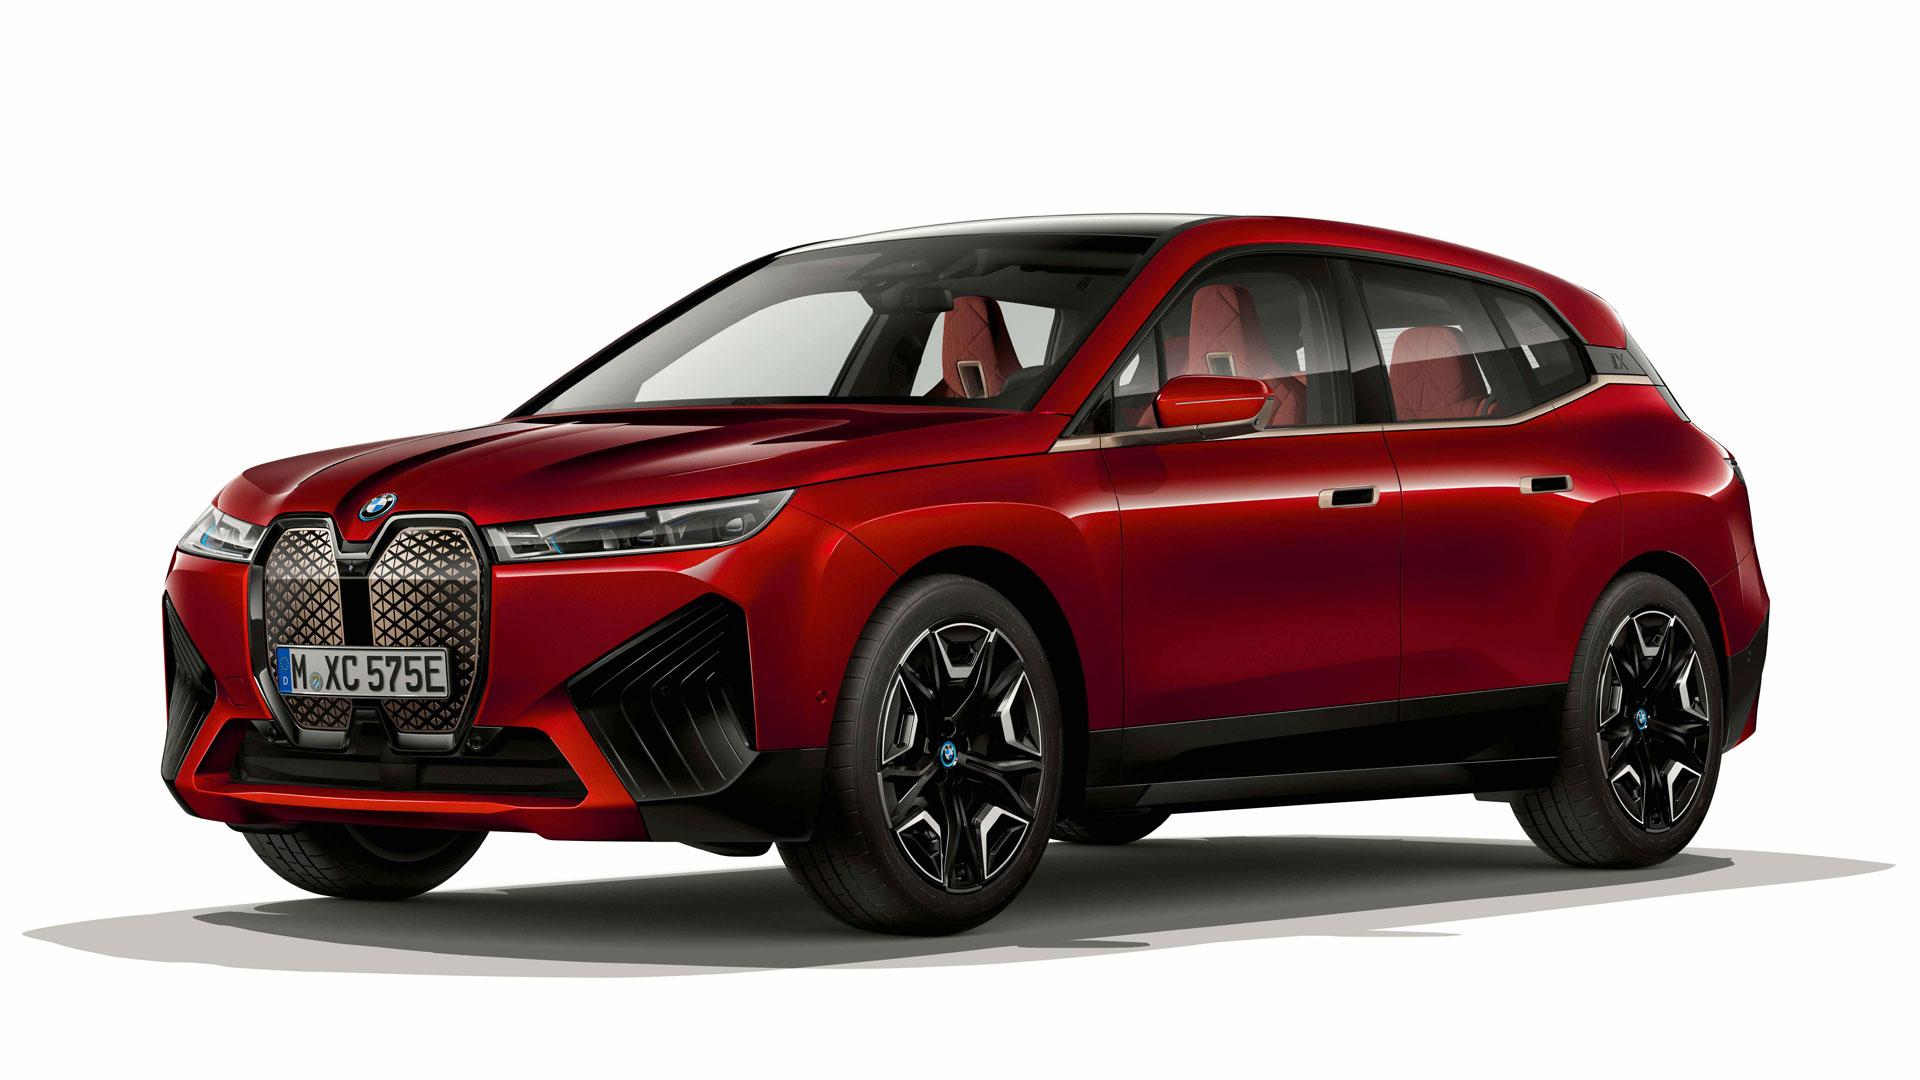 Der neue Elektro-SUV BMW iX vor einem weißen HIntergrund